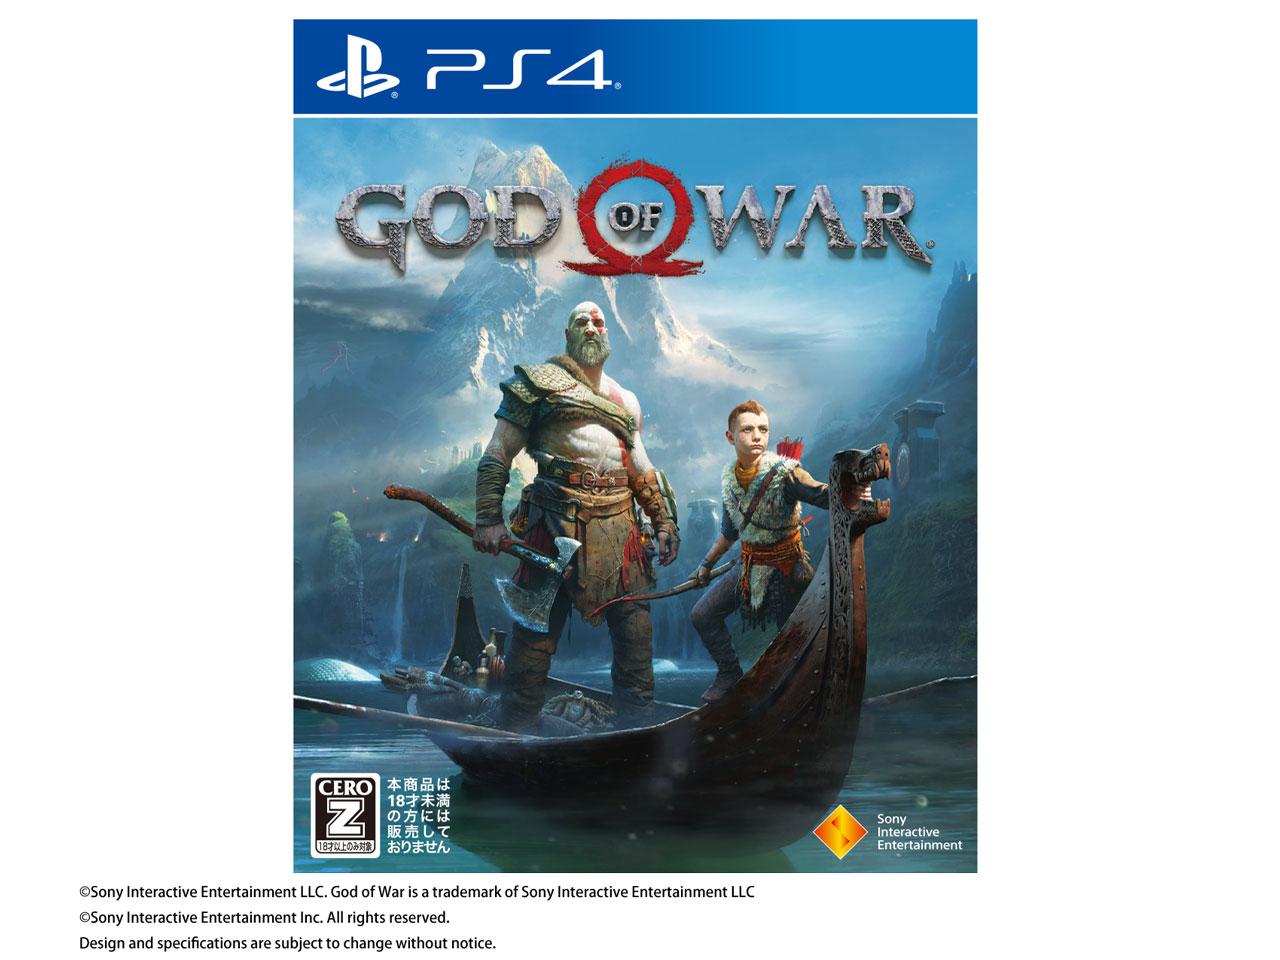 ゴッド・オブ・ウォー [PS4] の製品画像